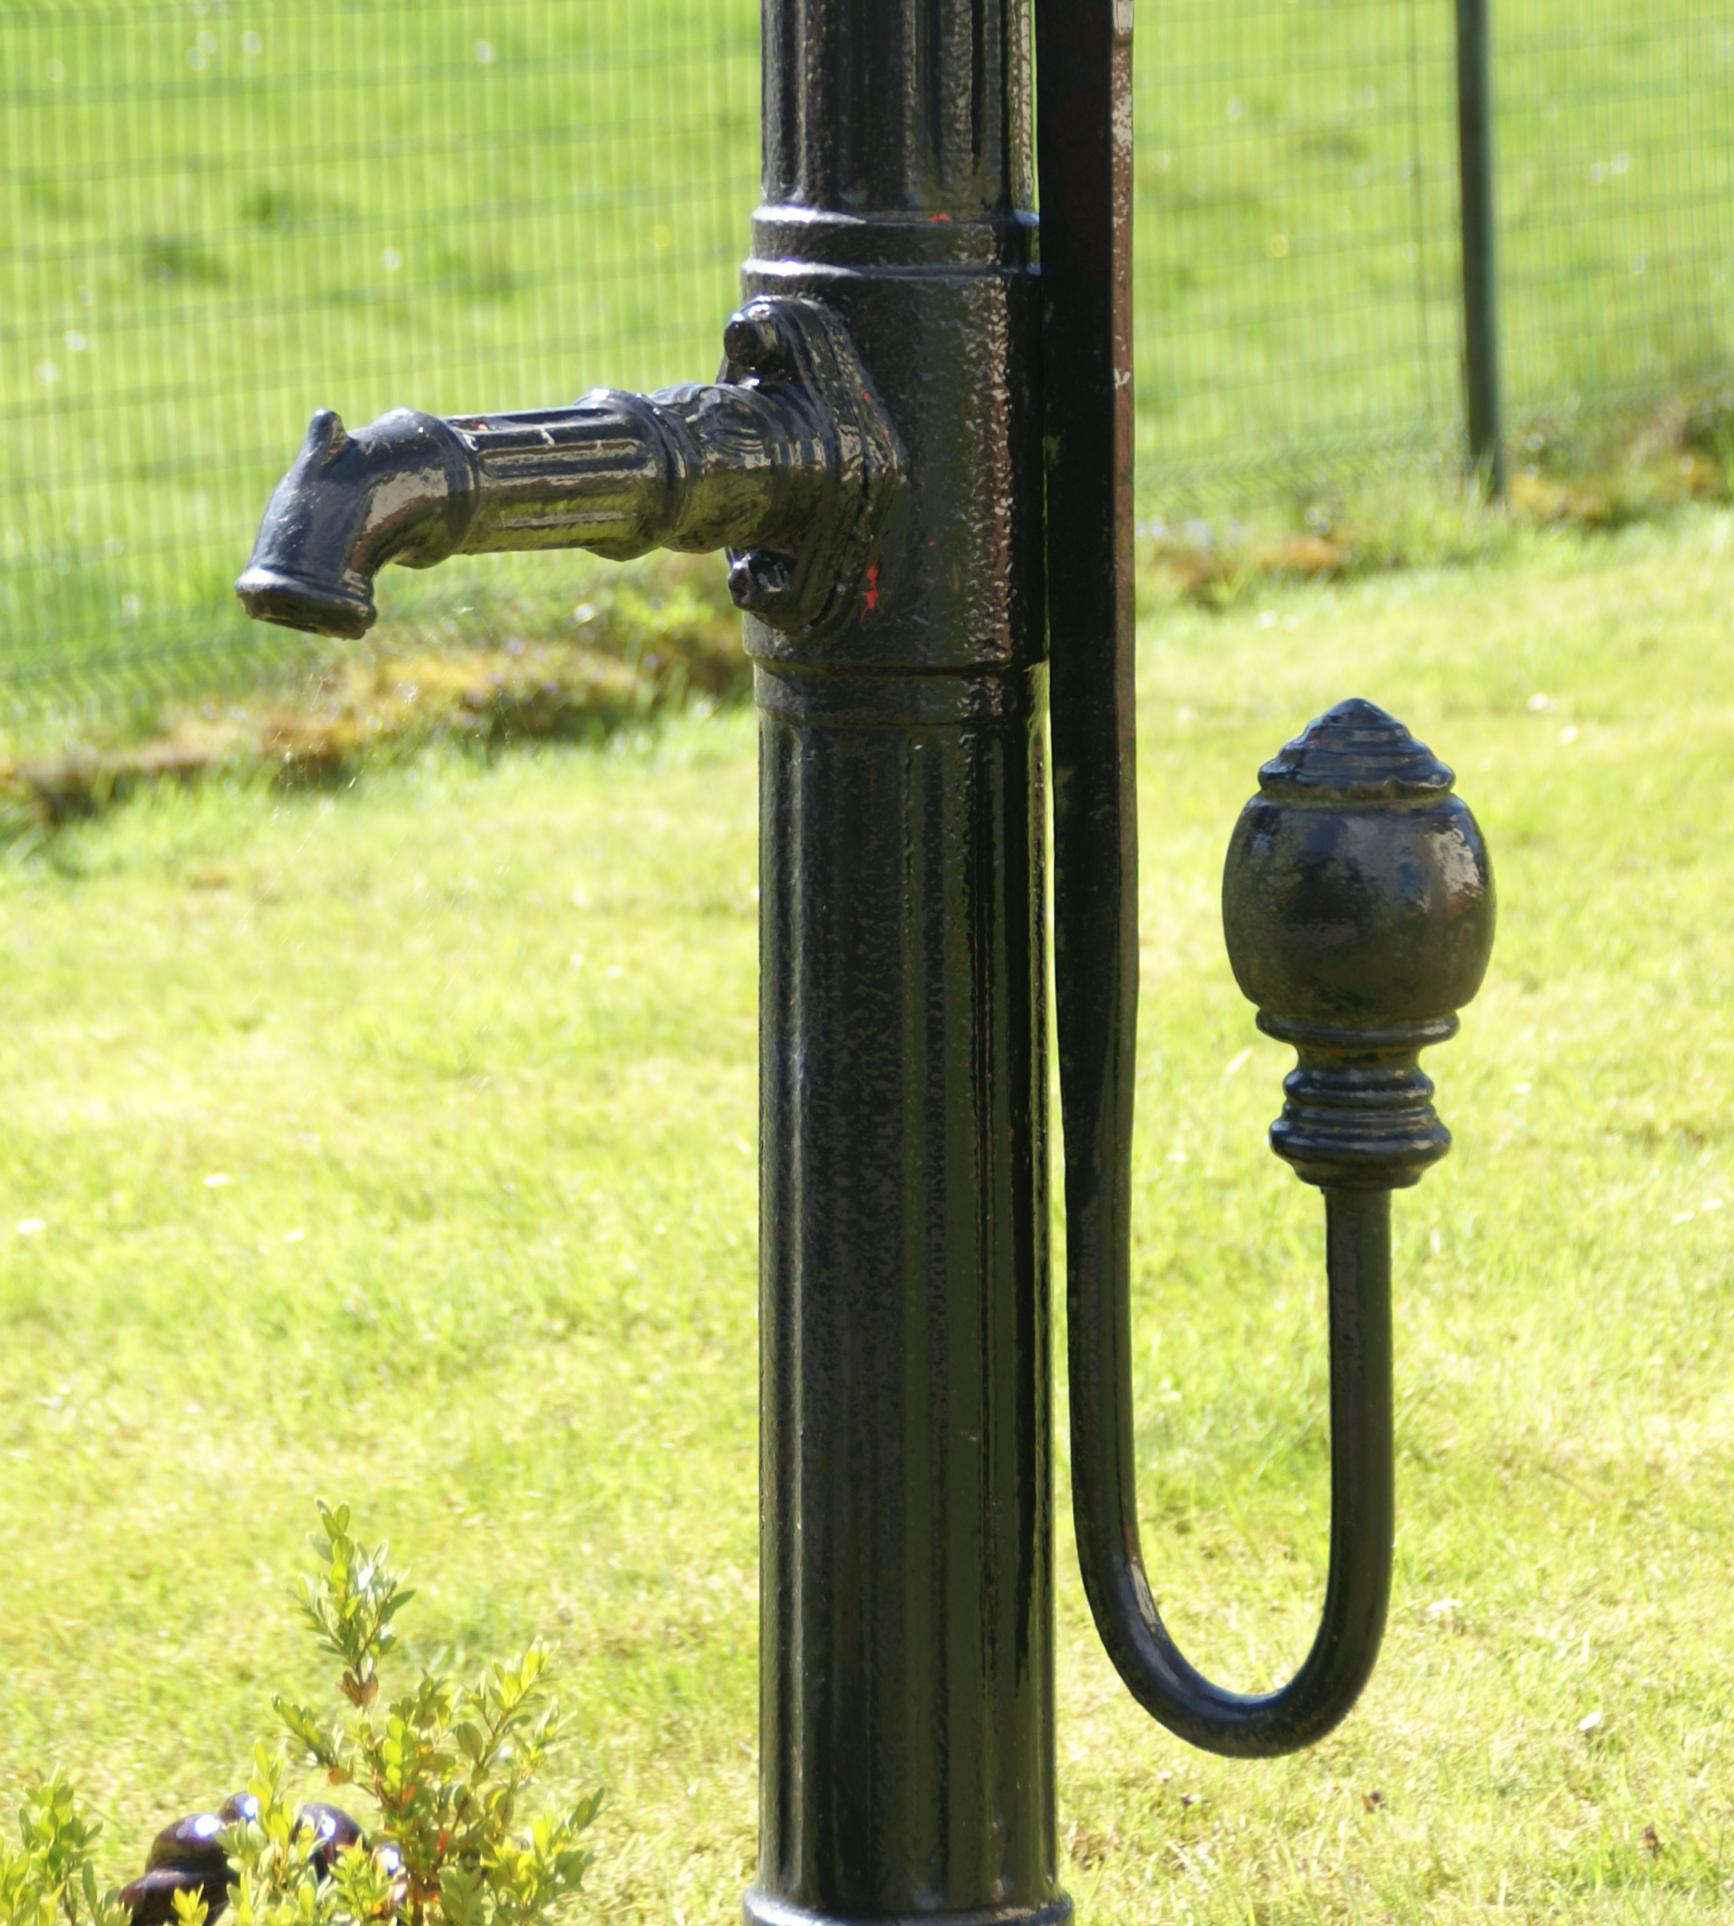 file:bennerscheid pumpe an den brunnen (03) - wikimedia commons